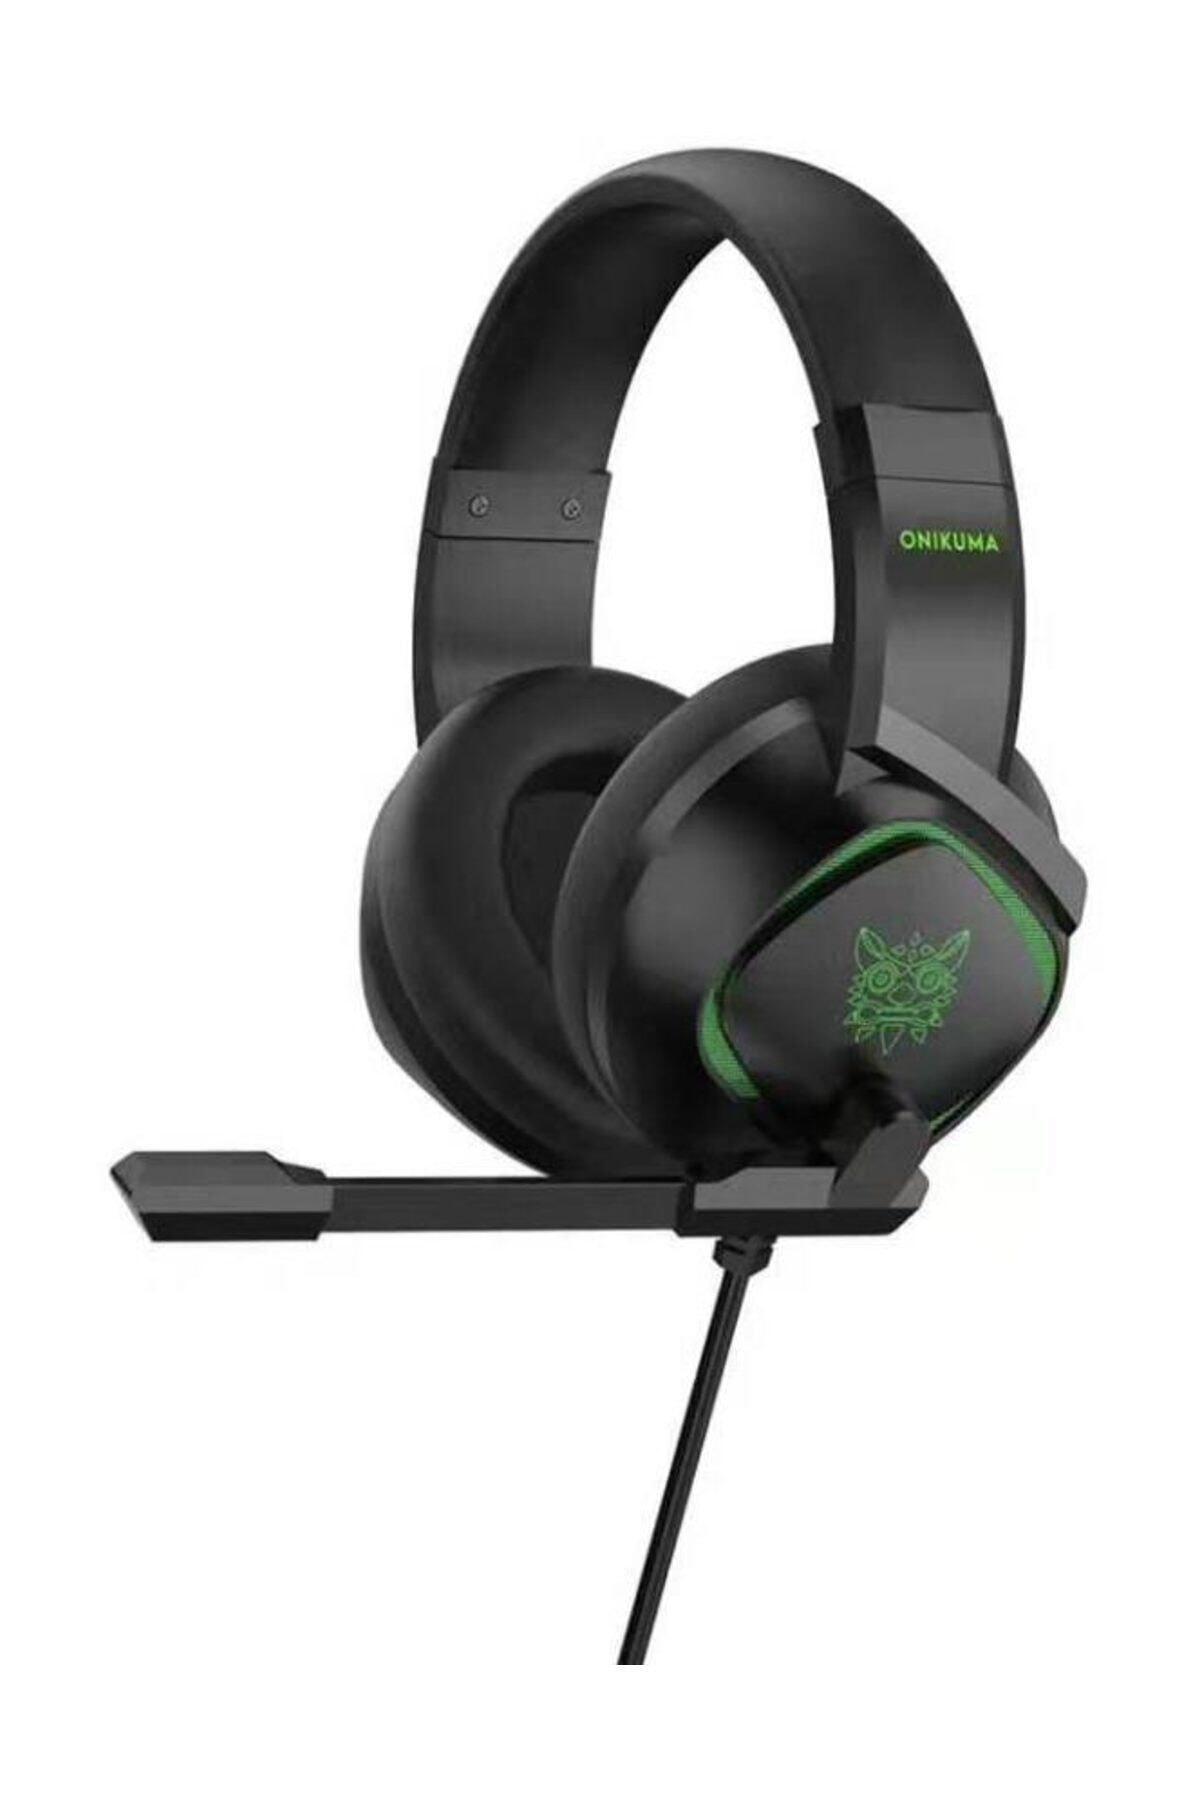 Onikuma Profesyonel Oyuncu Kulaklığı Telefon Uyumlu Gaming Kulaklık Siyah  Renkli Led Pc/ps4 Xbox Uyumlu Fiyatı, Yorumları - TRENDYOL